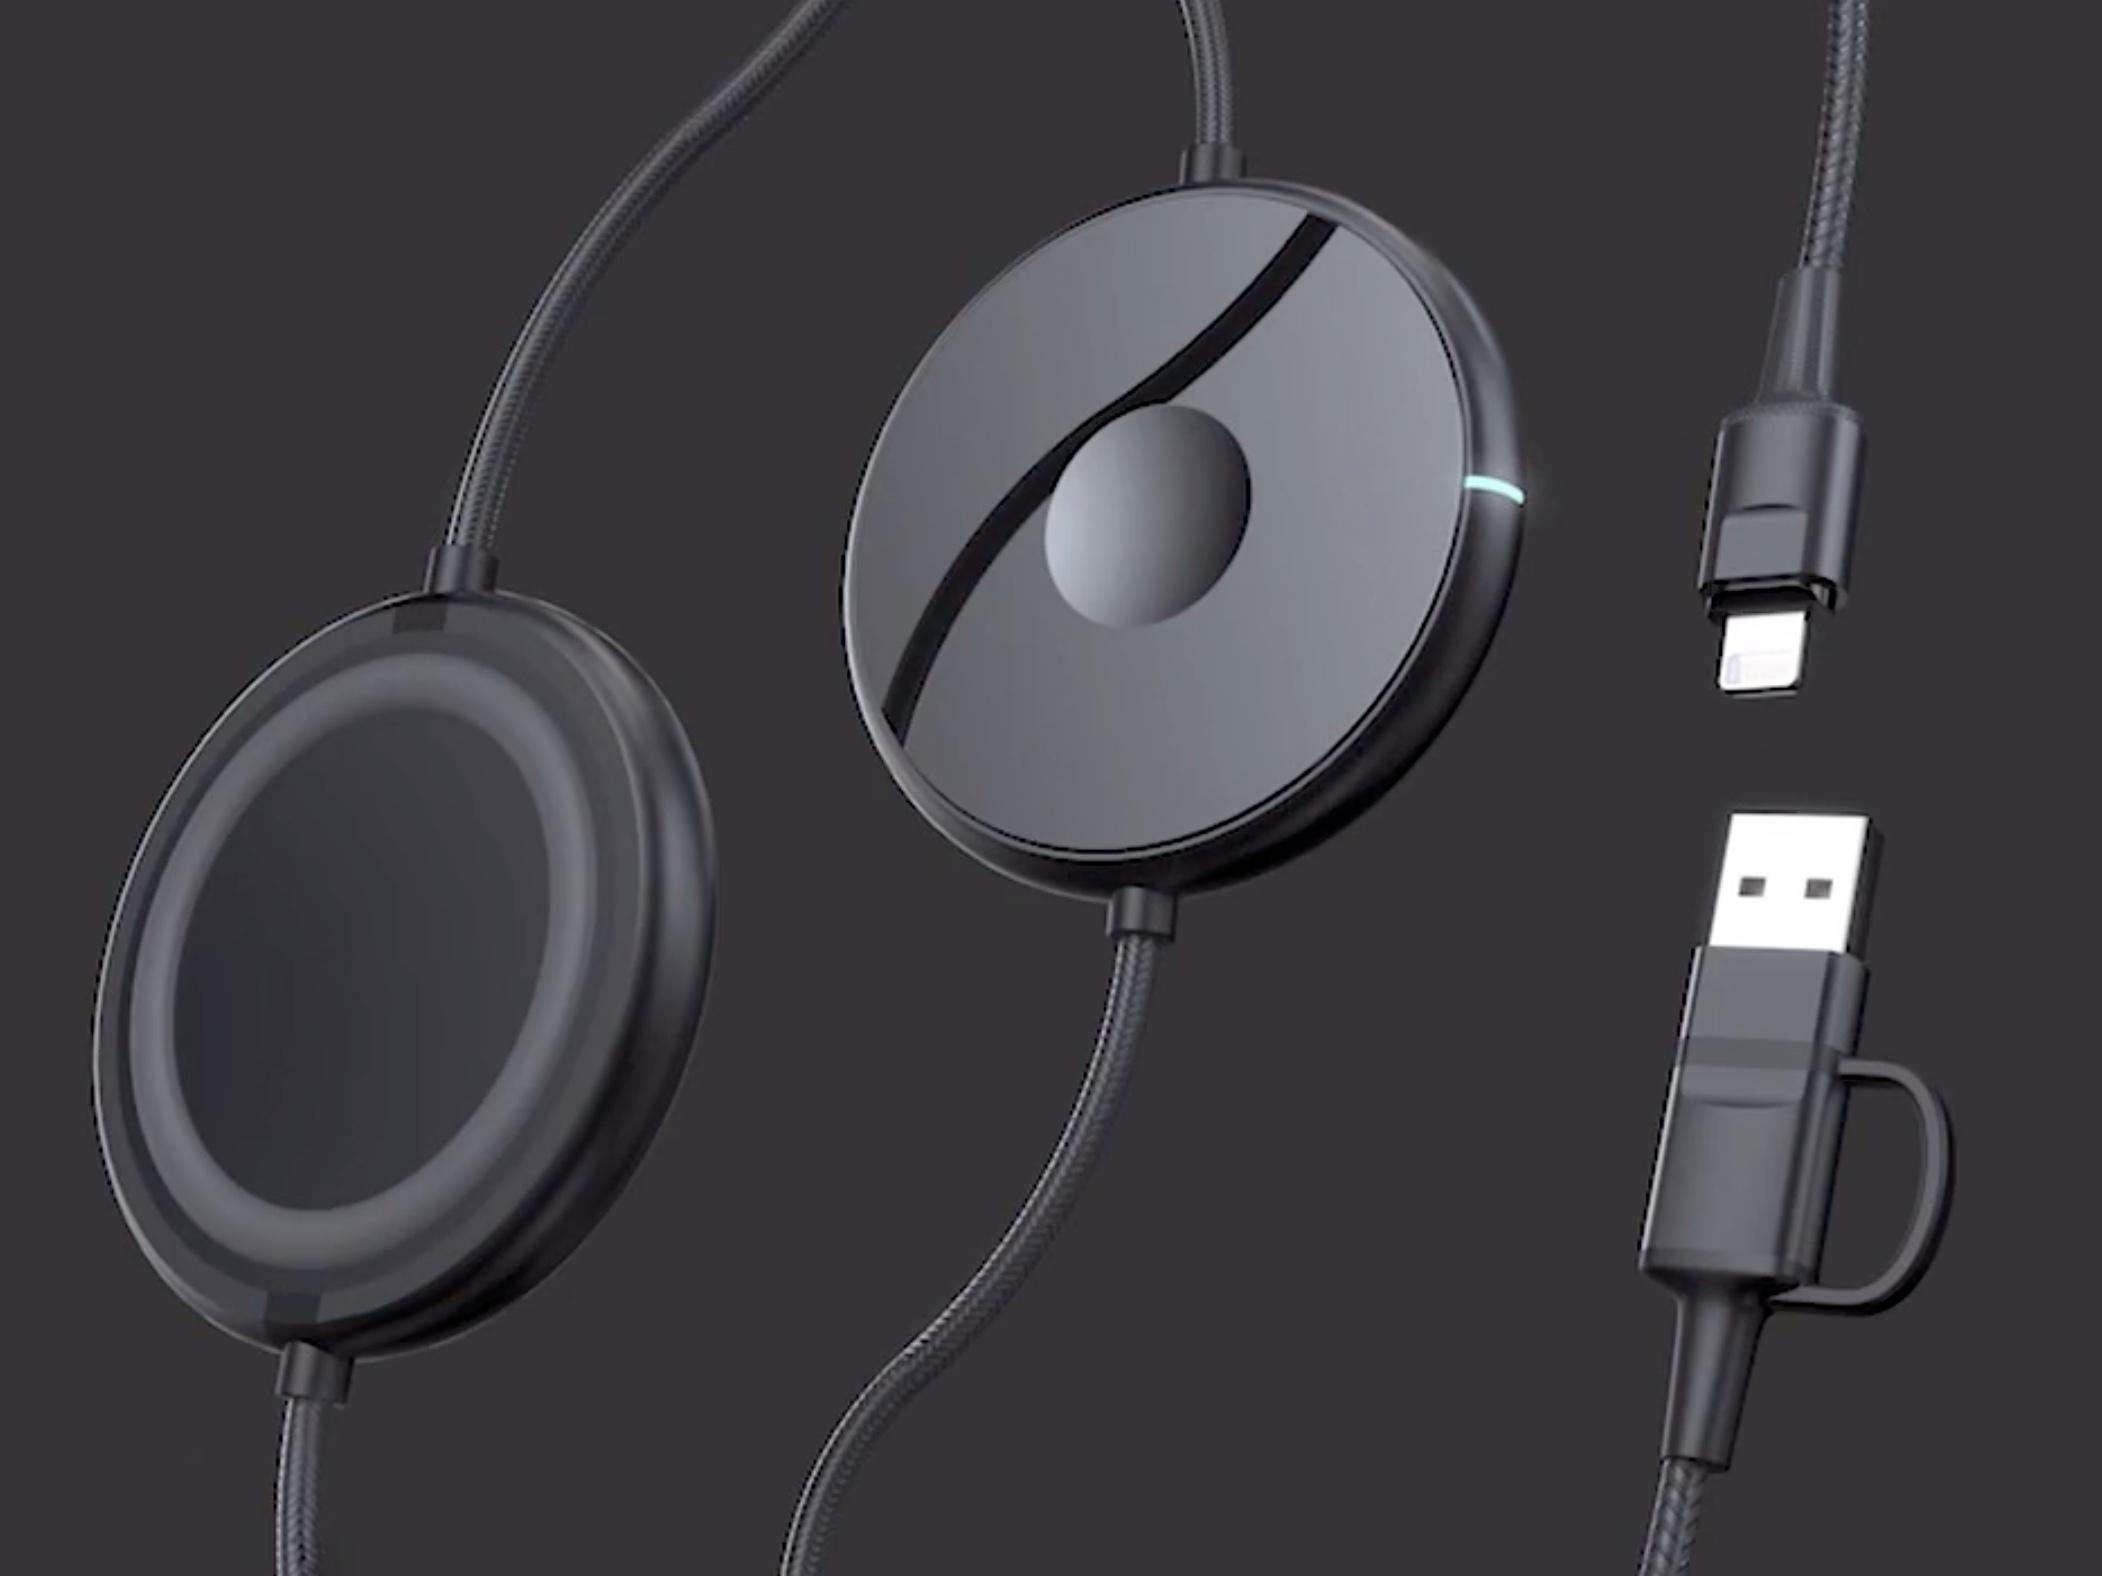 スマホとスマートウォッチをケーブルとワイヤレスで同時充電できる「Snapon」